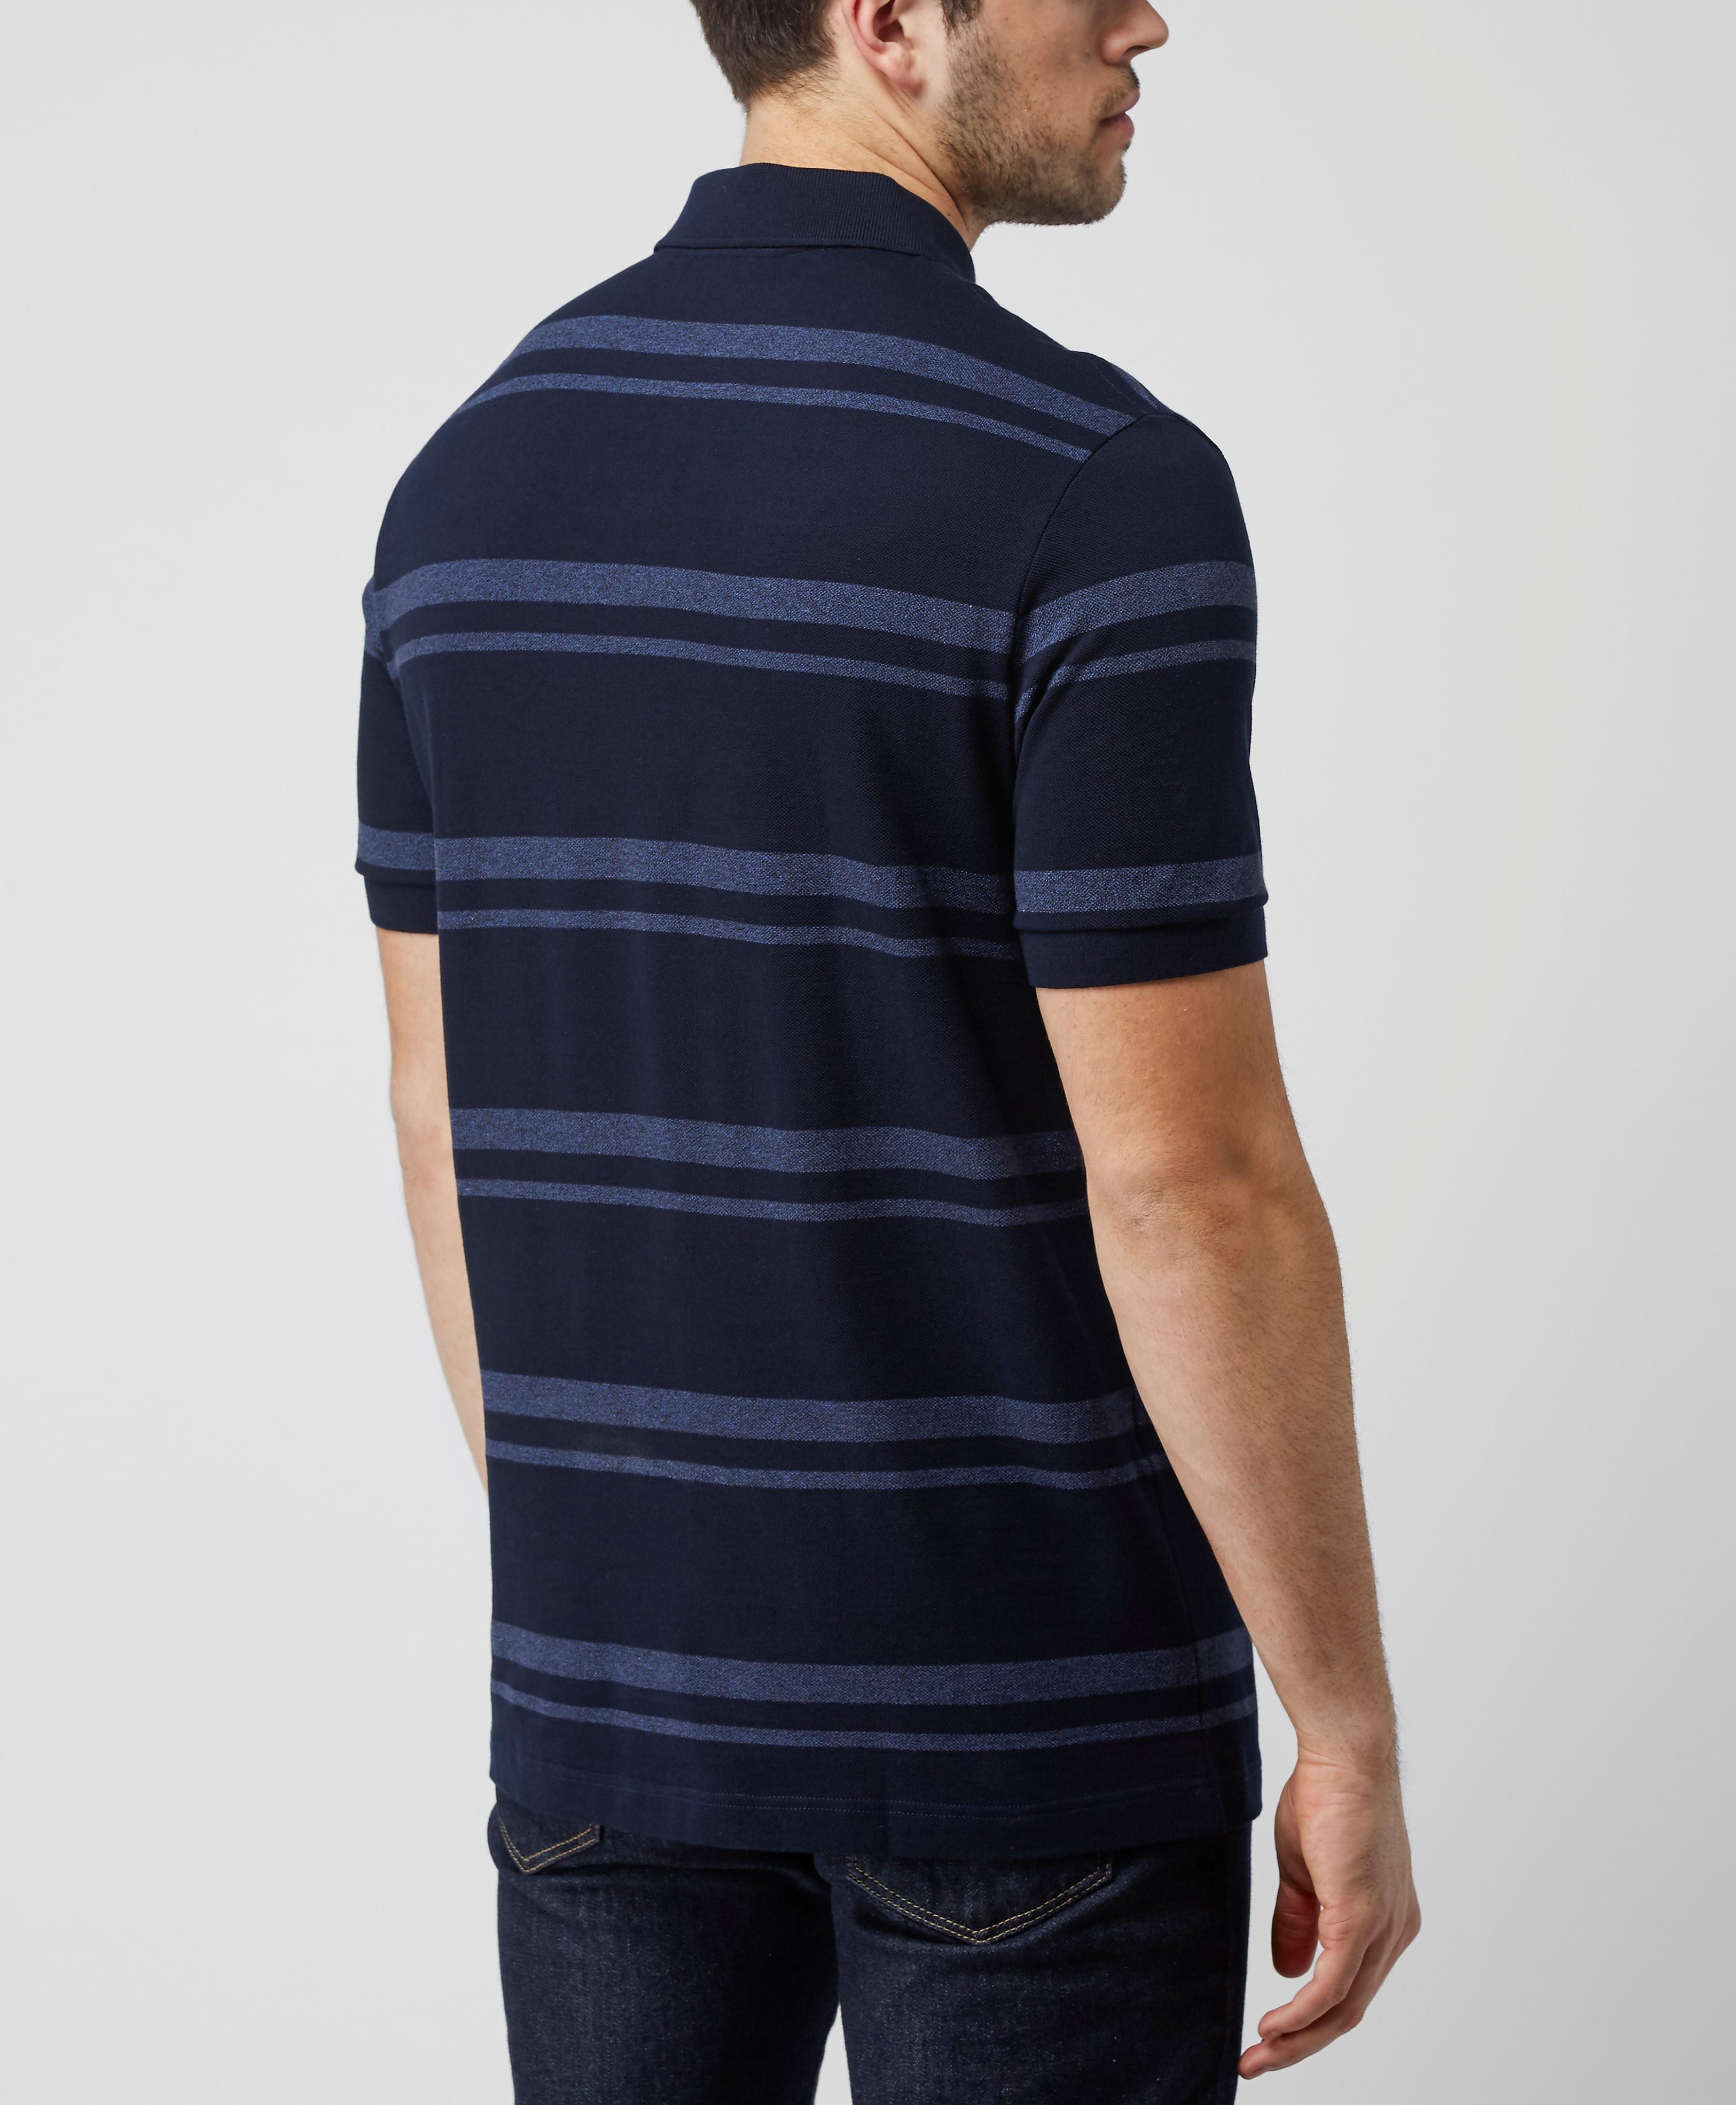 Lacoste Pique Stripe Polo Shirt